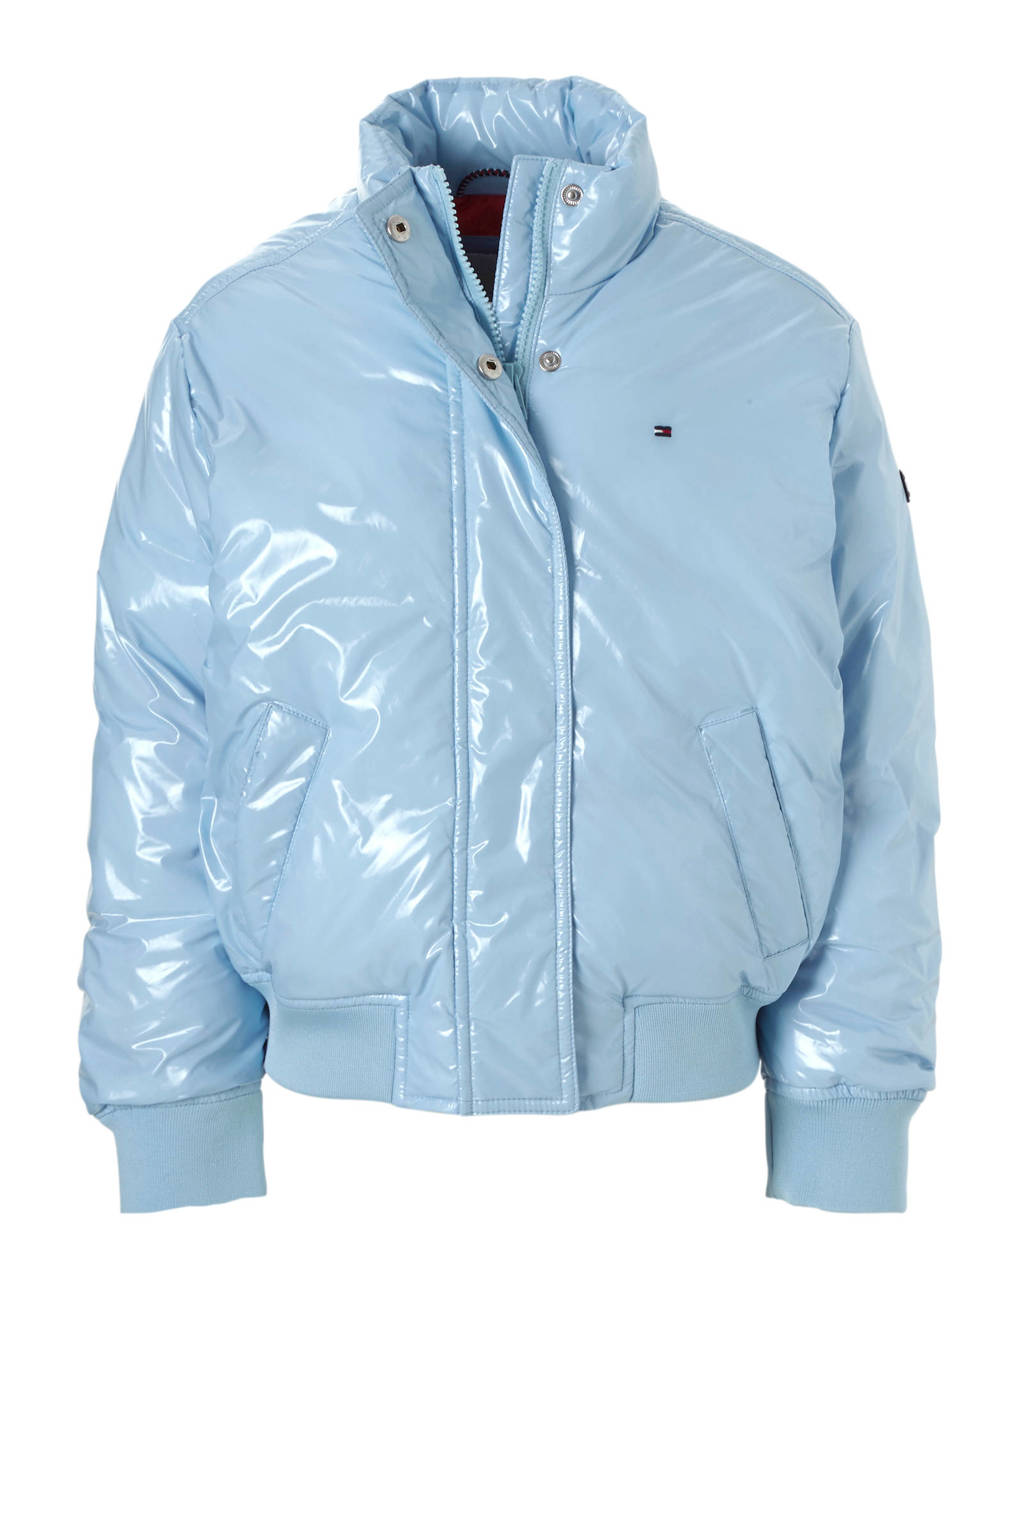 Tommy Hilfiger lak tussenjas lichtblauw, Lichtblauw